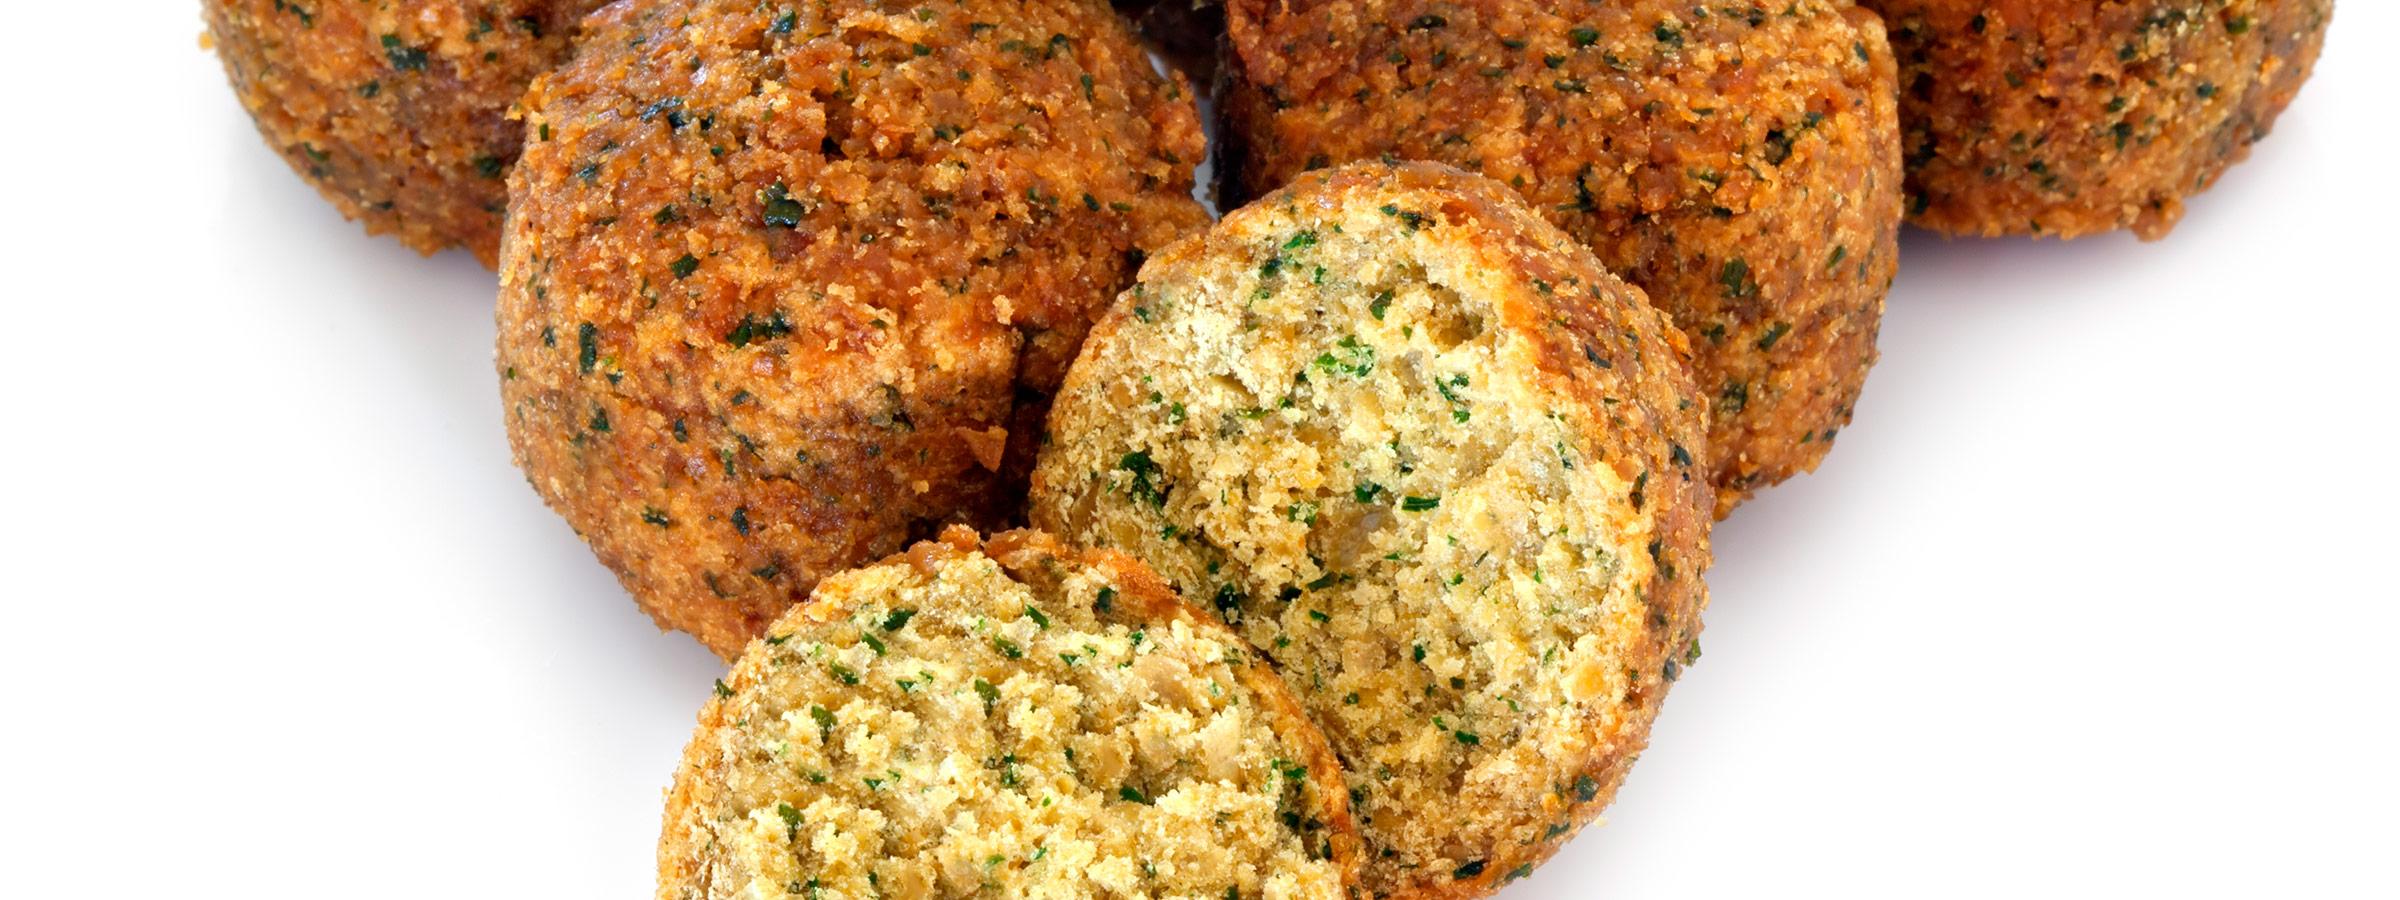 gluten-free falafel main image